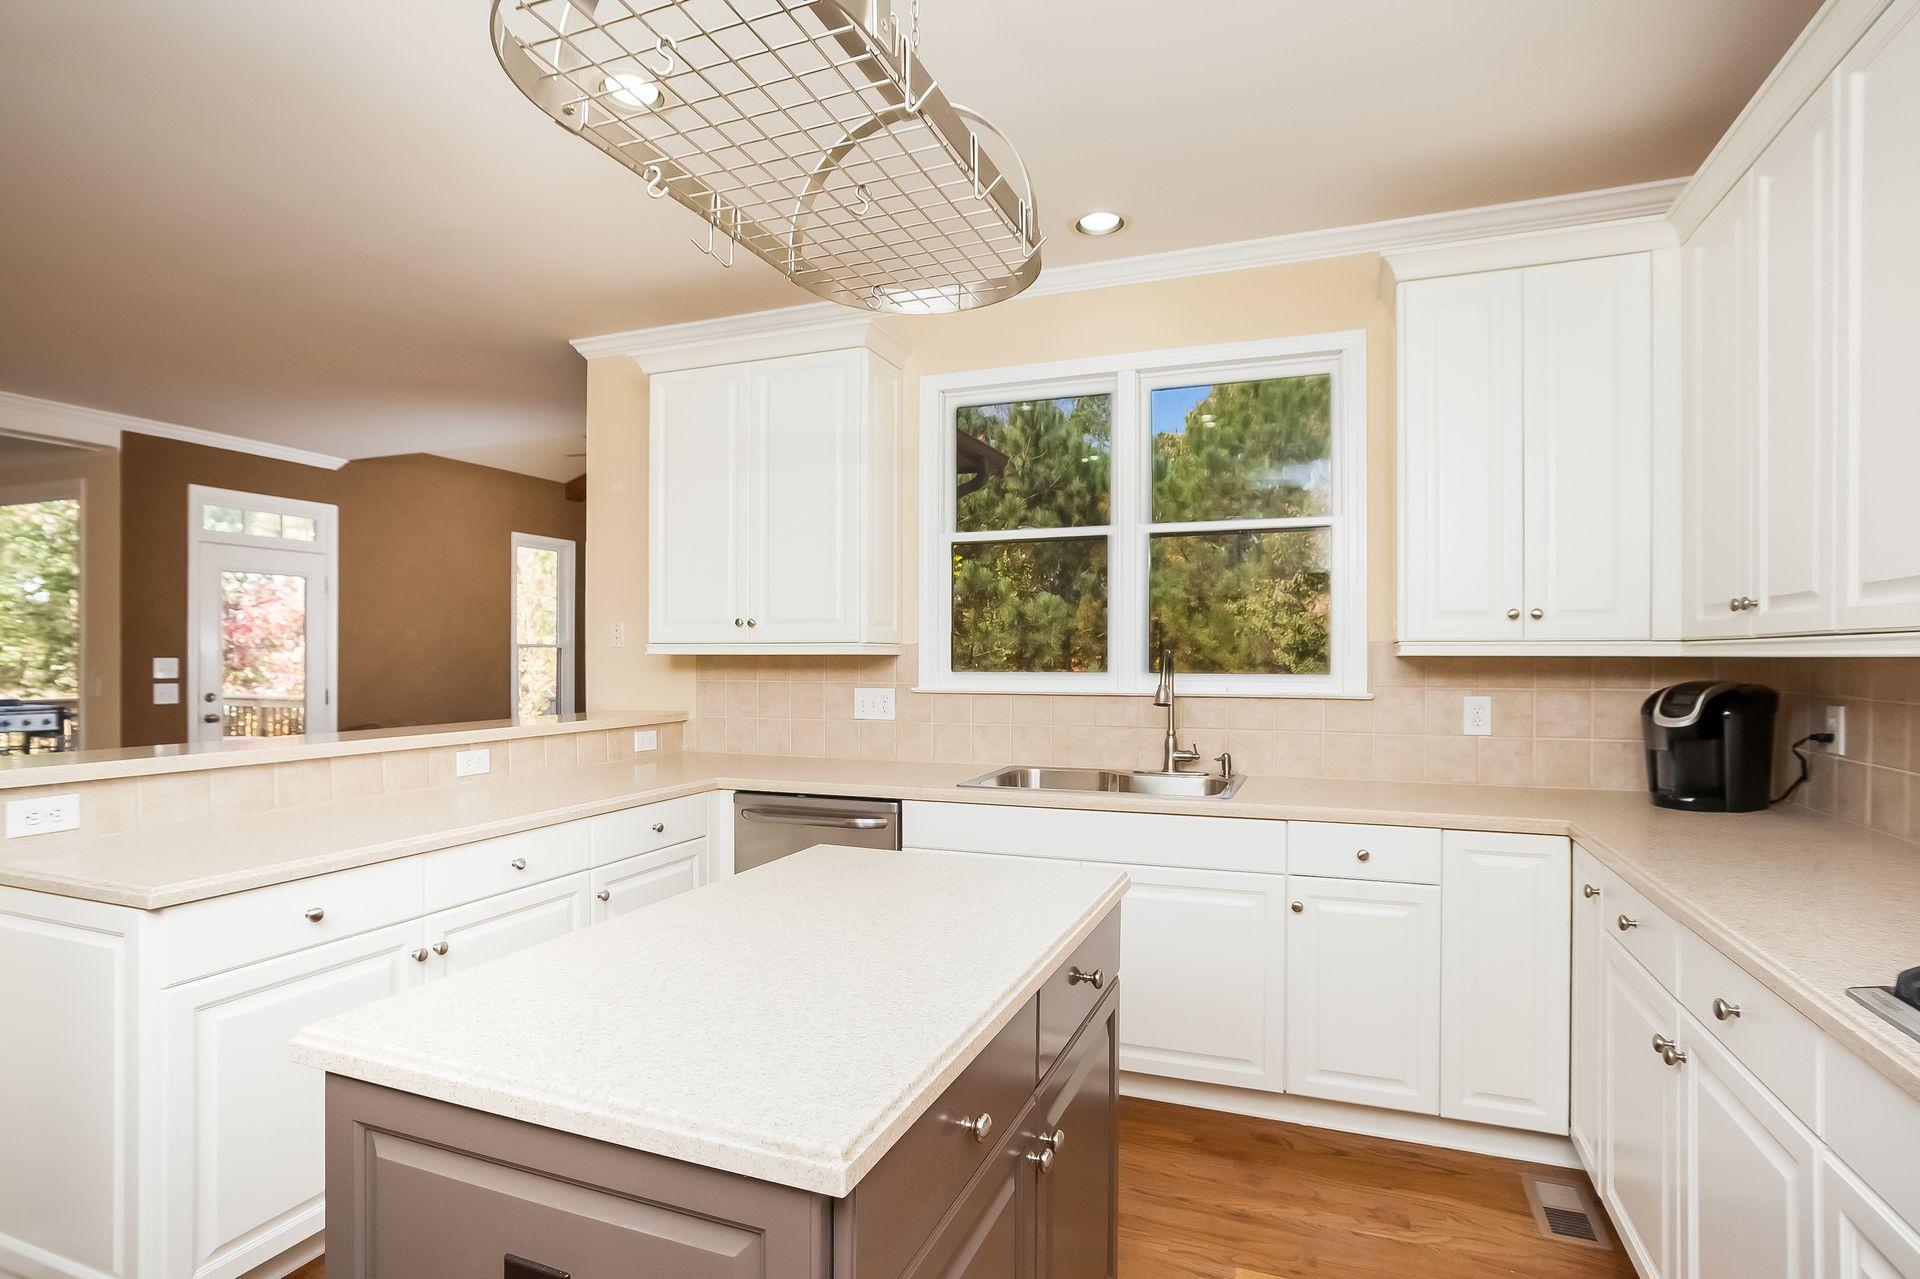 514 Lombard Street Marietta Ga 30064 514 Lombard Street Marietta Ga 30064 Lombard Street Kitchen Cabinets Estate Homes